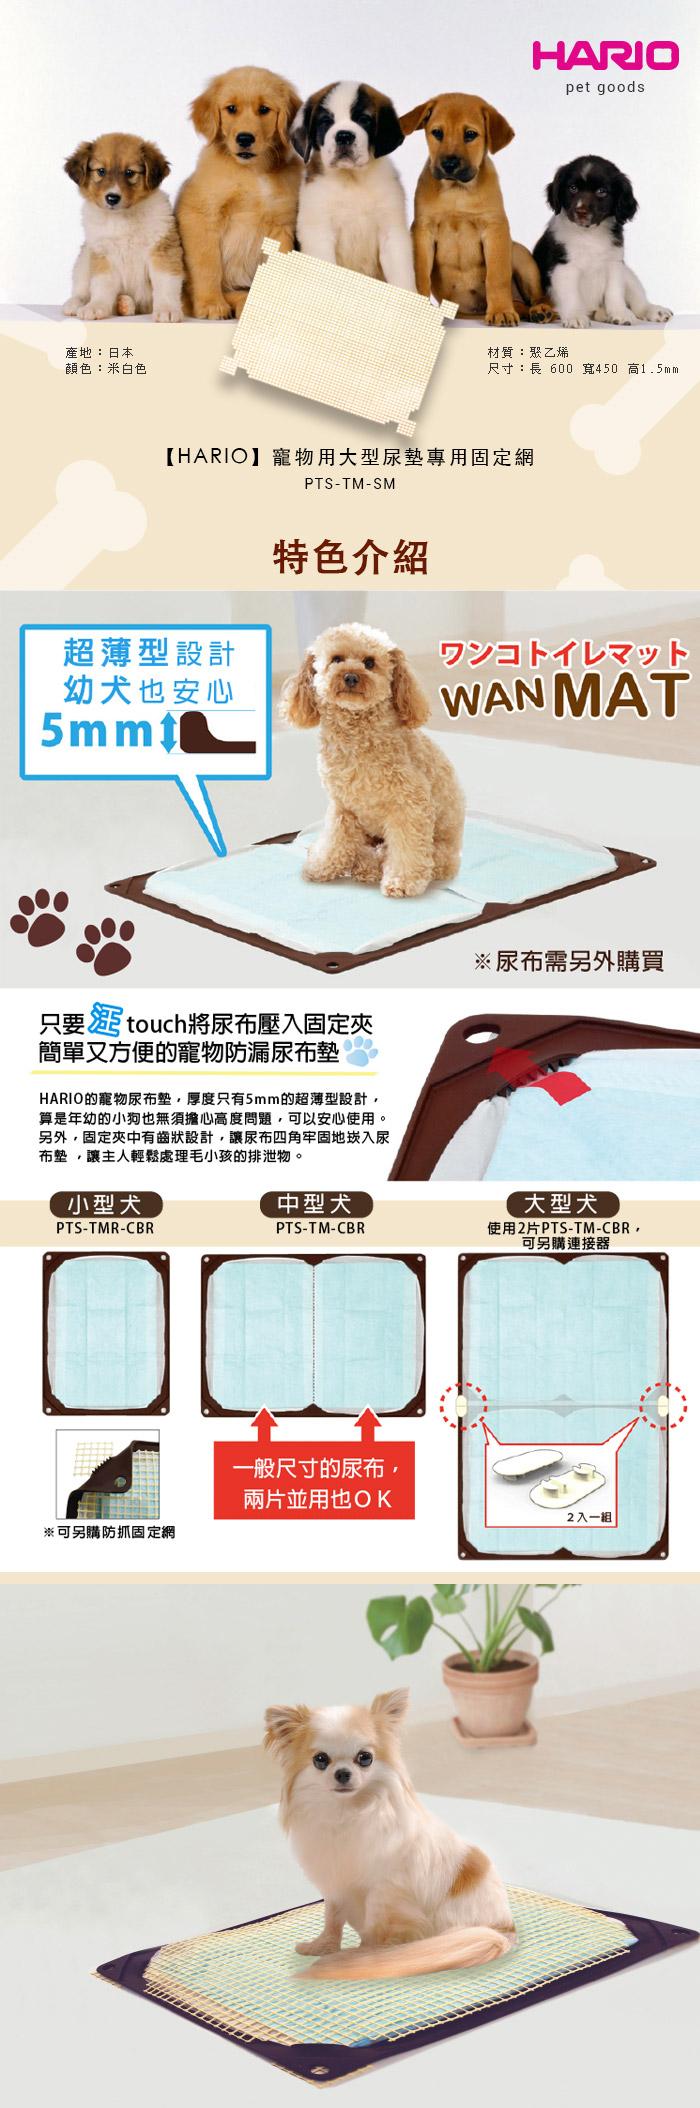 (複製)HARIO  寵物用小型尿墊專用固定網  PTS-TMR-SM